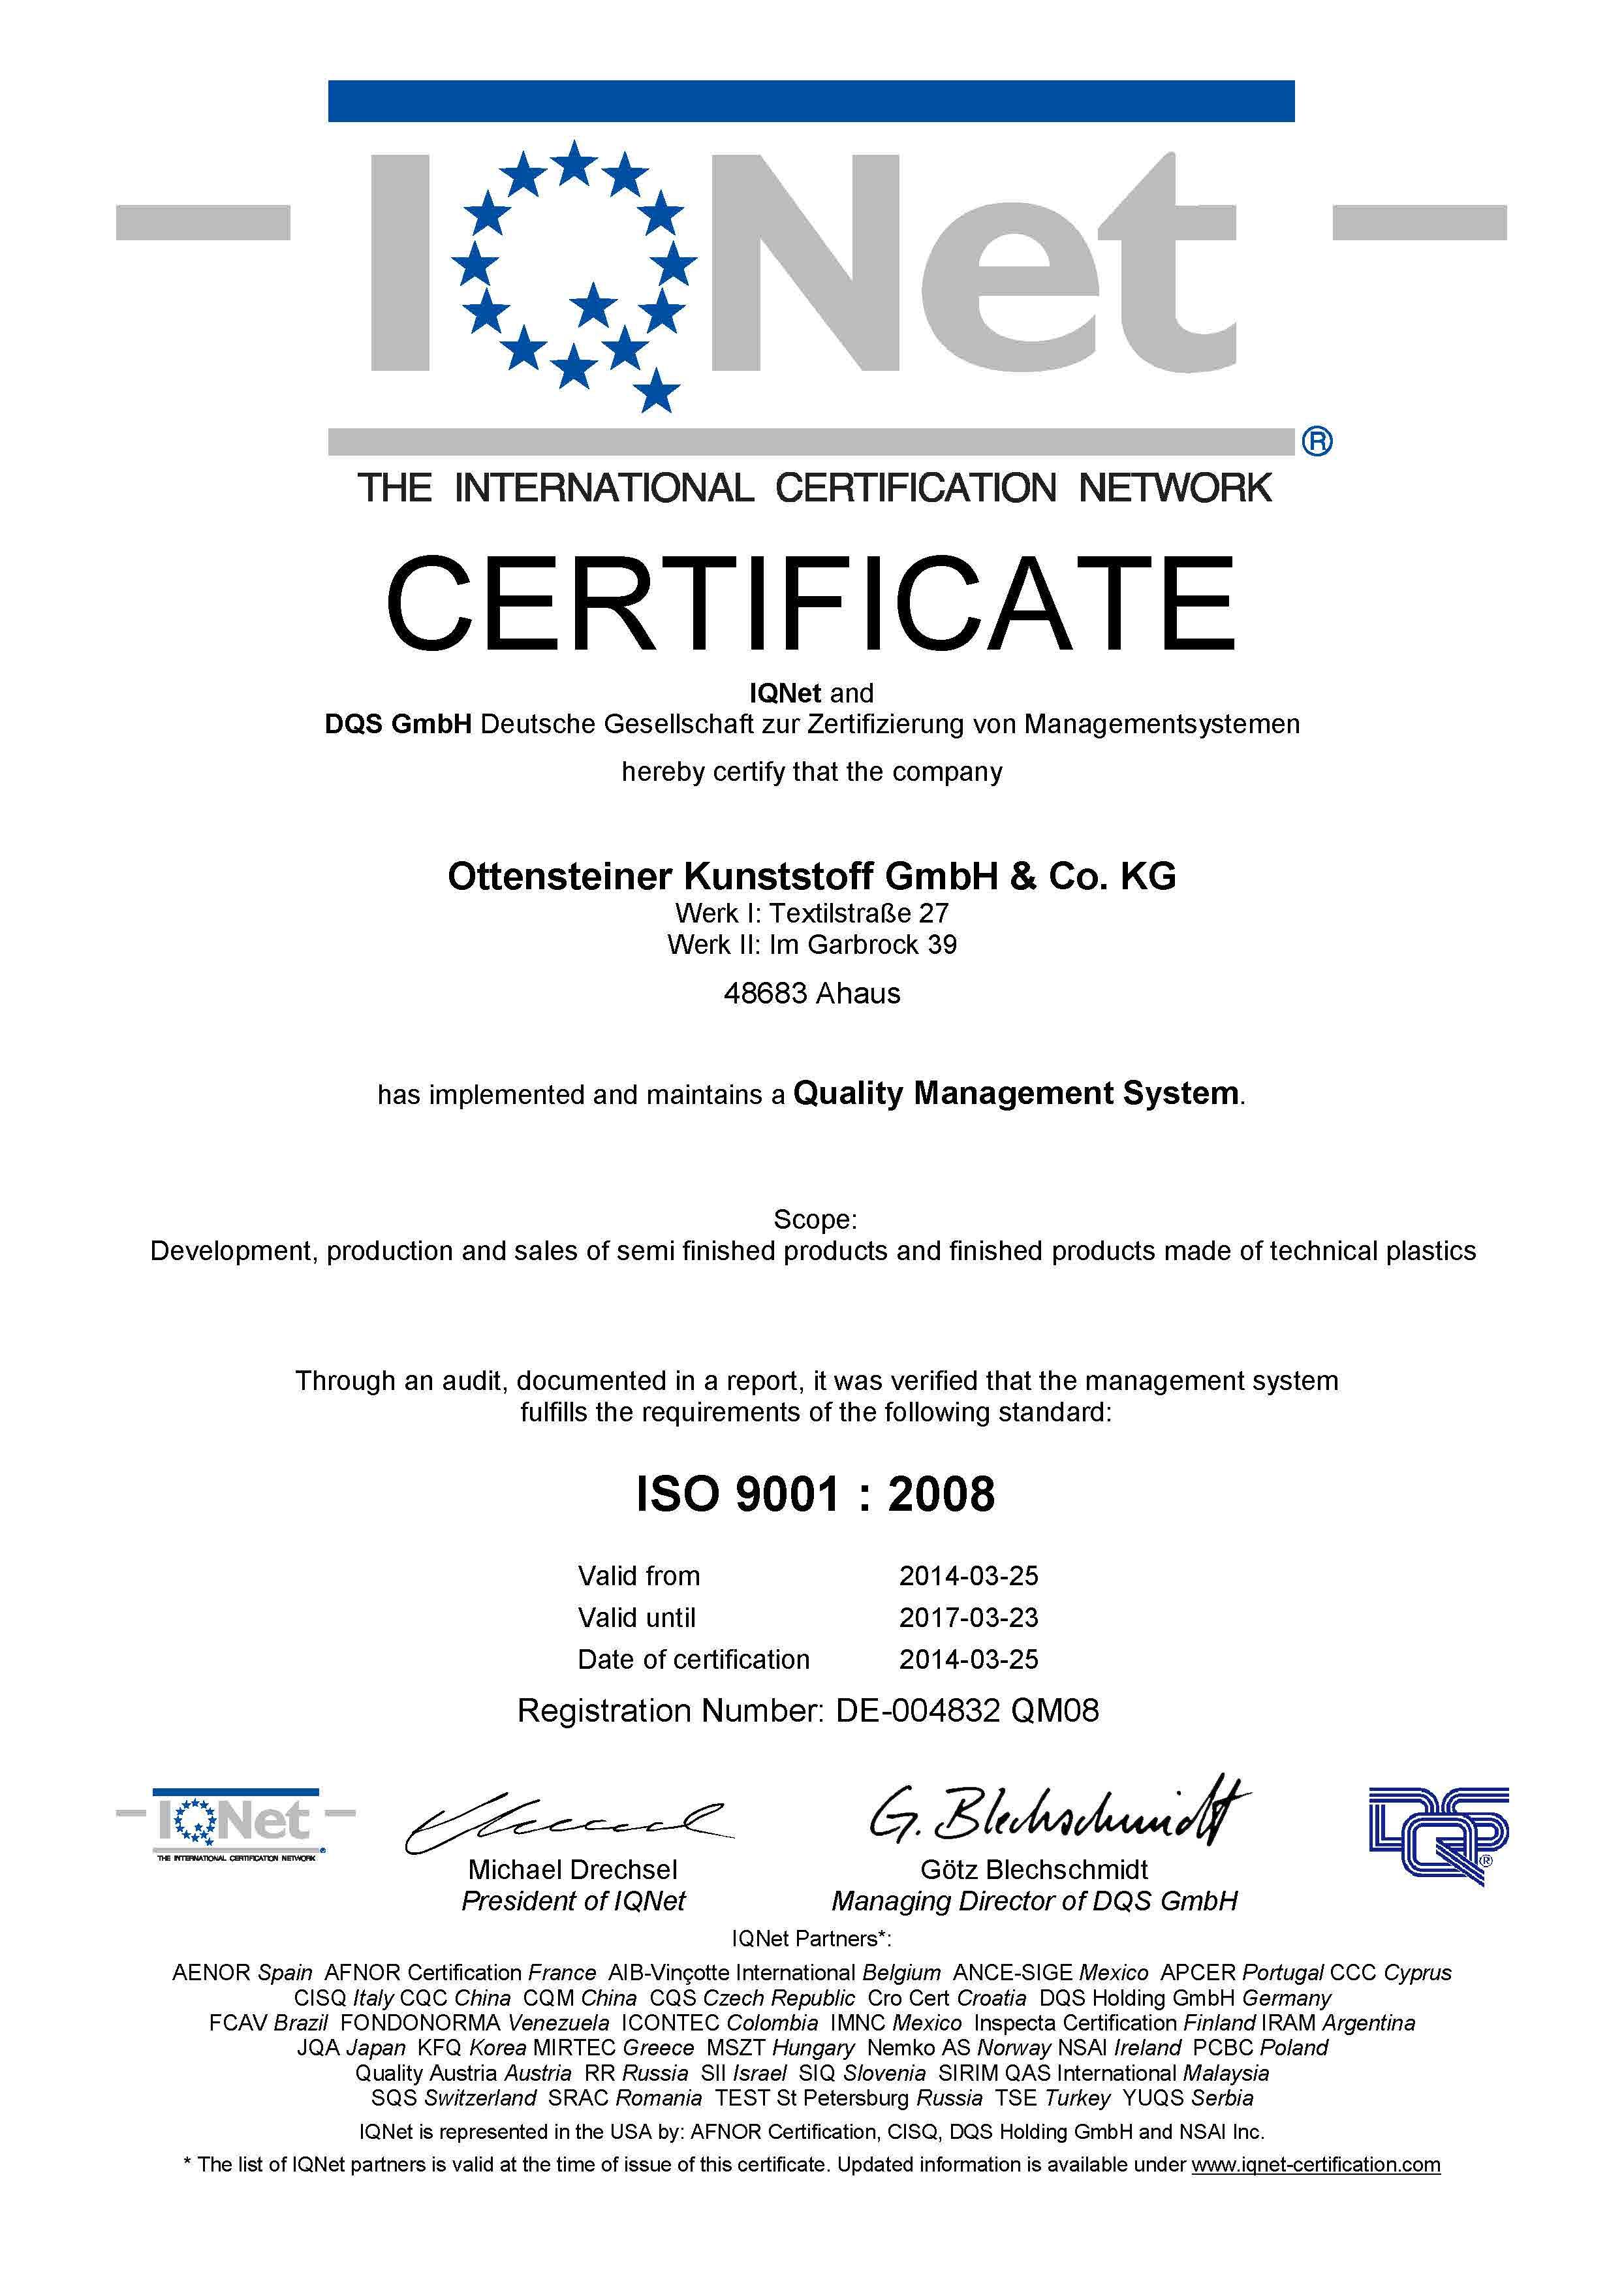 004832 - Ottensteiner Kunststoff GmbH & Co. KG - certificate - Englisch IQNet - 2014-03-25 - QM08